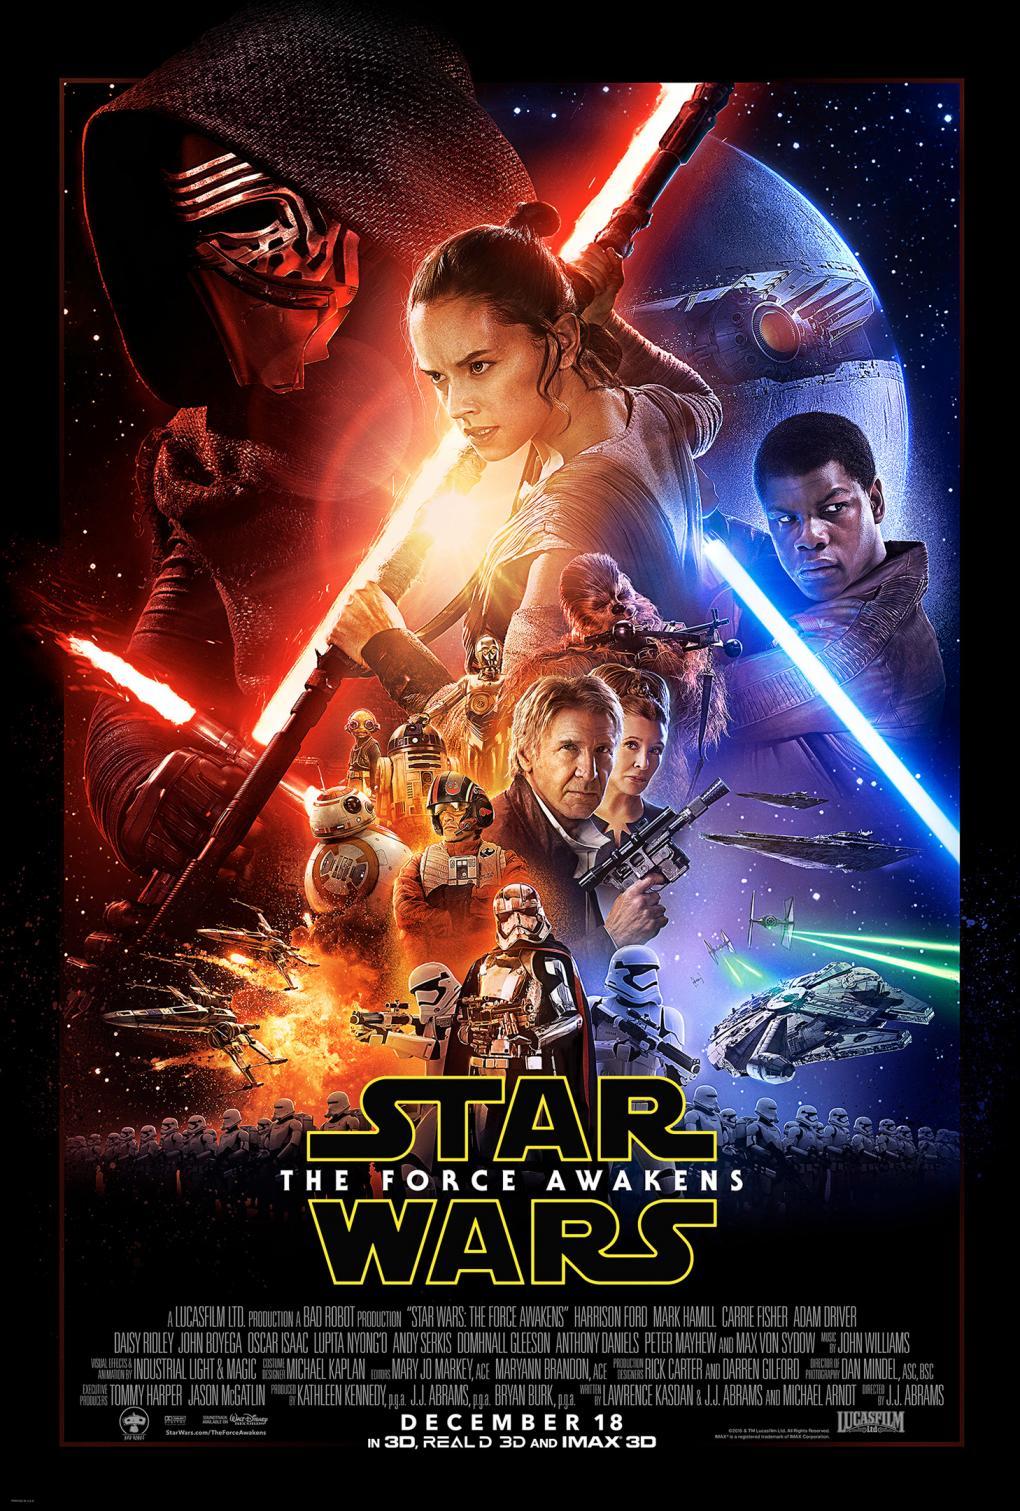 Star Wars Episode 7 Starkiller Base Auf Kino Plakat Doch Wo Ist